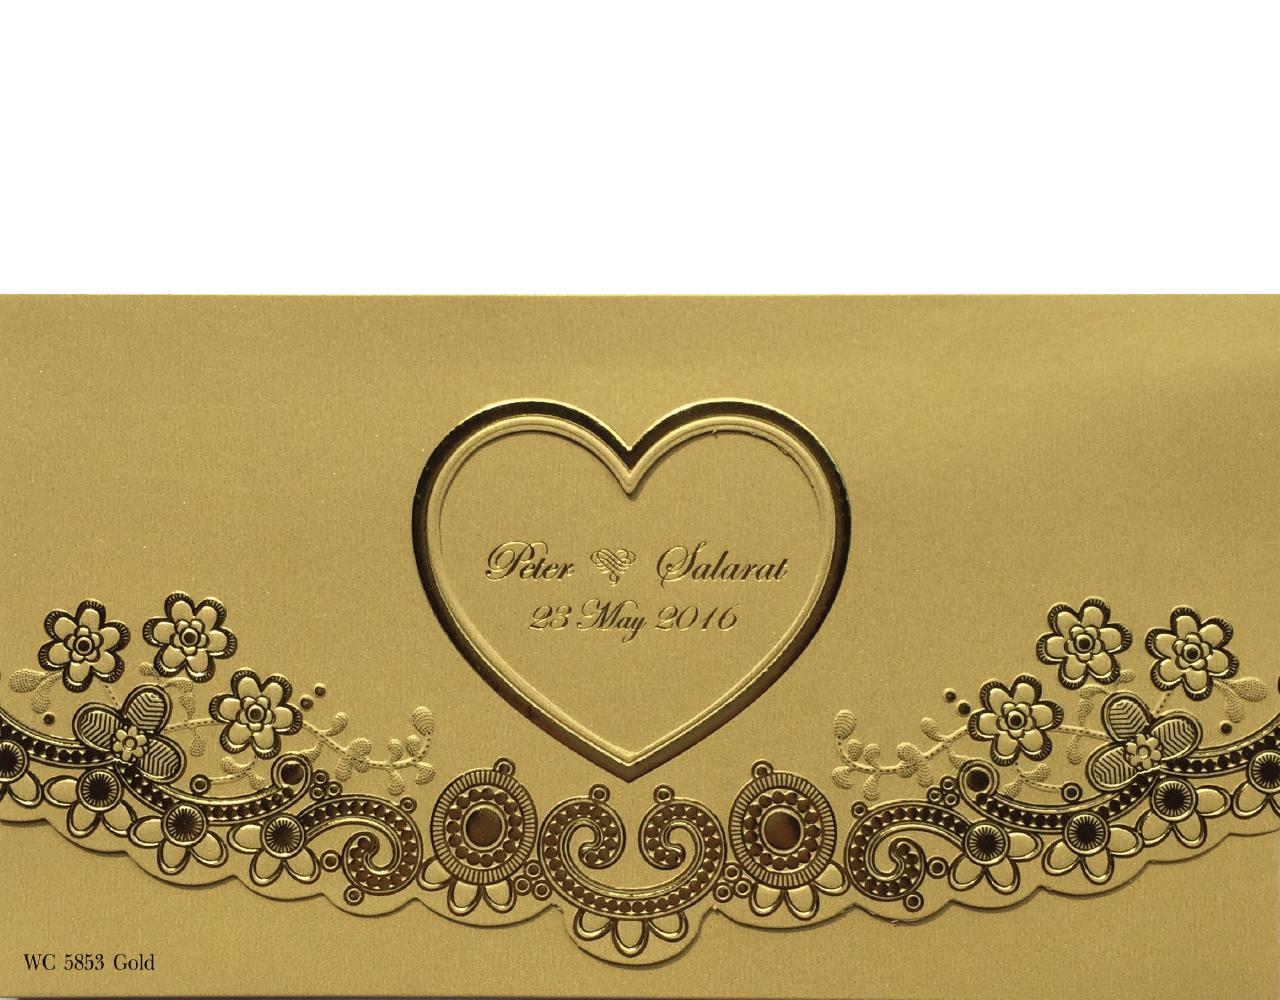 การ์ดแต่งงาน การ์ดเชิญ สีมุกทอง สามพับ ปั๊มนูน พิมพ์ทองเค 7.9 x 4.4 inch wc 5853 Gold